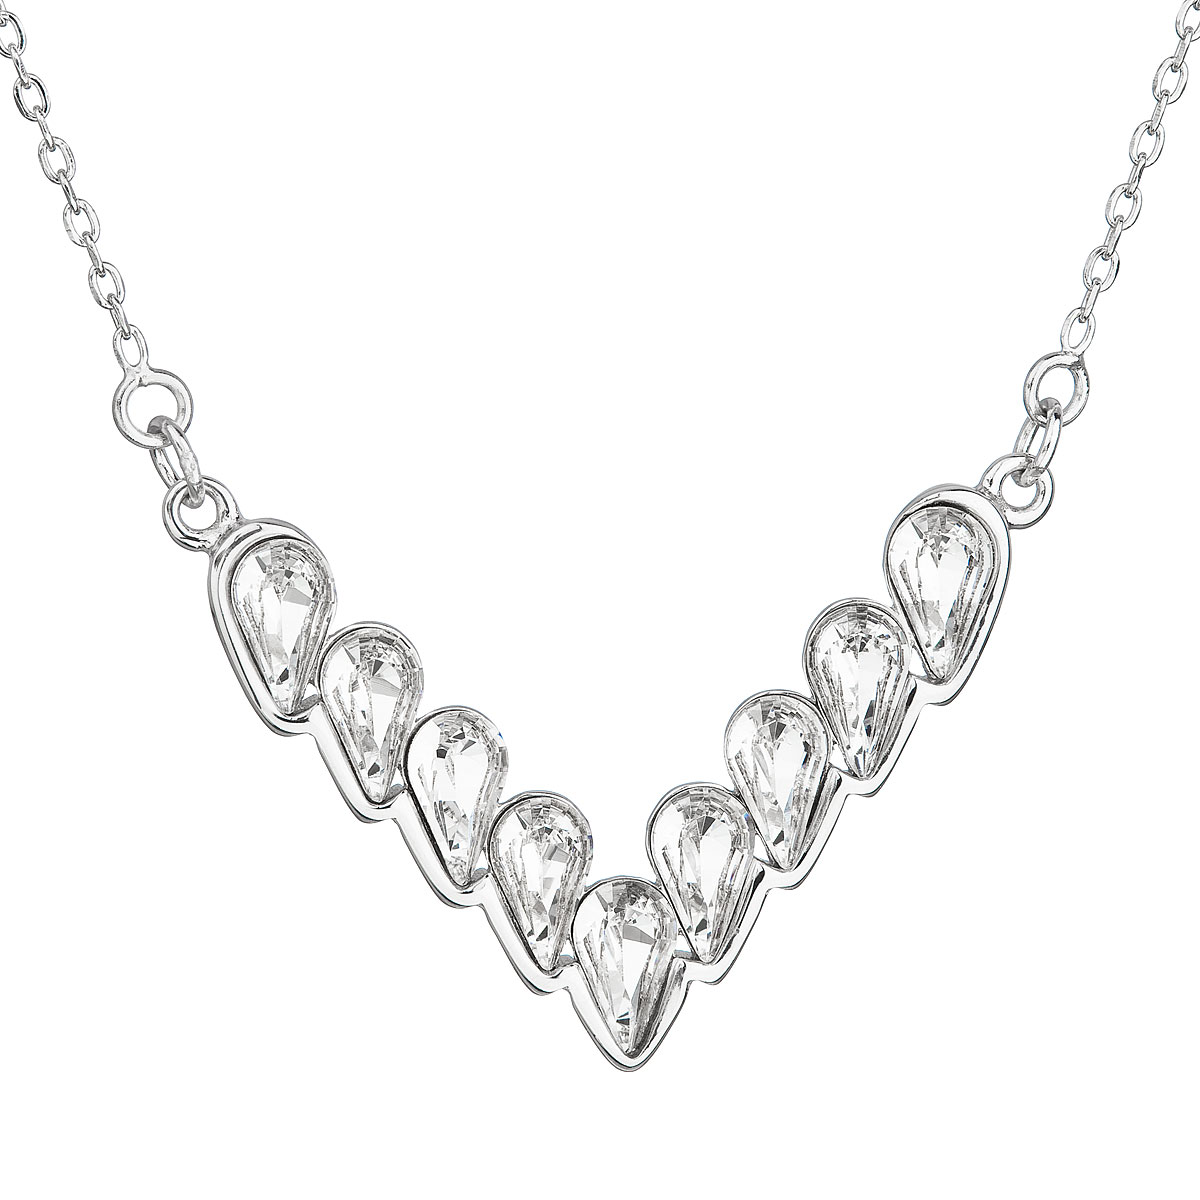 Strieborný náhrdelník s krištáľmi Swarovski biely 32067.1